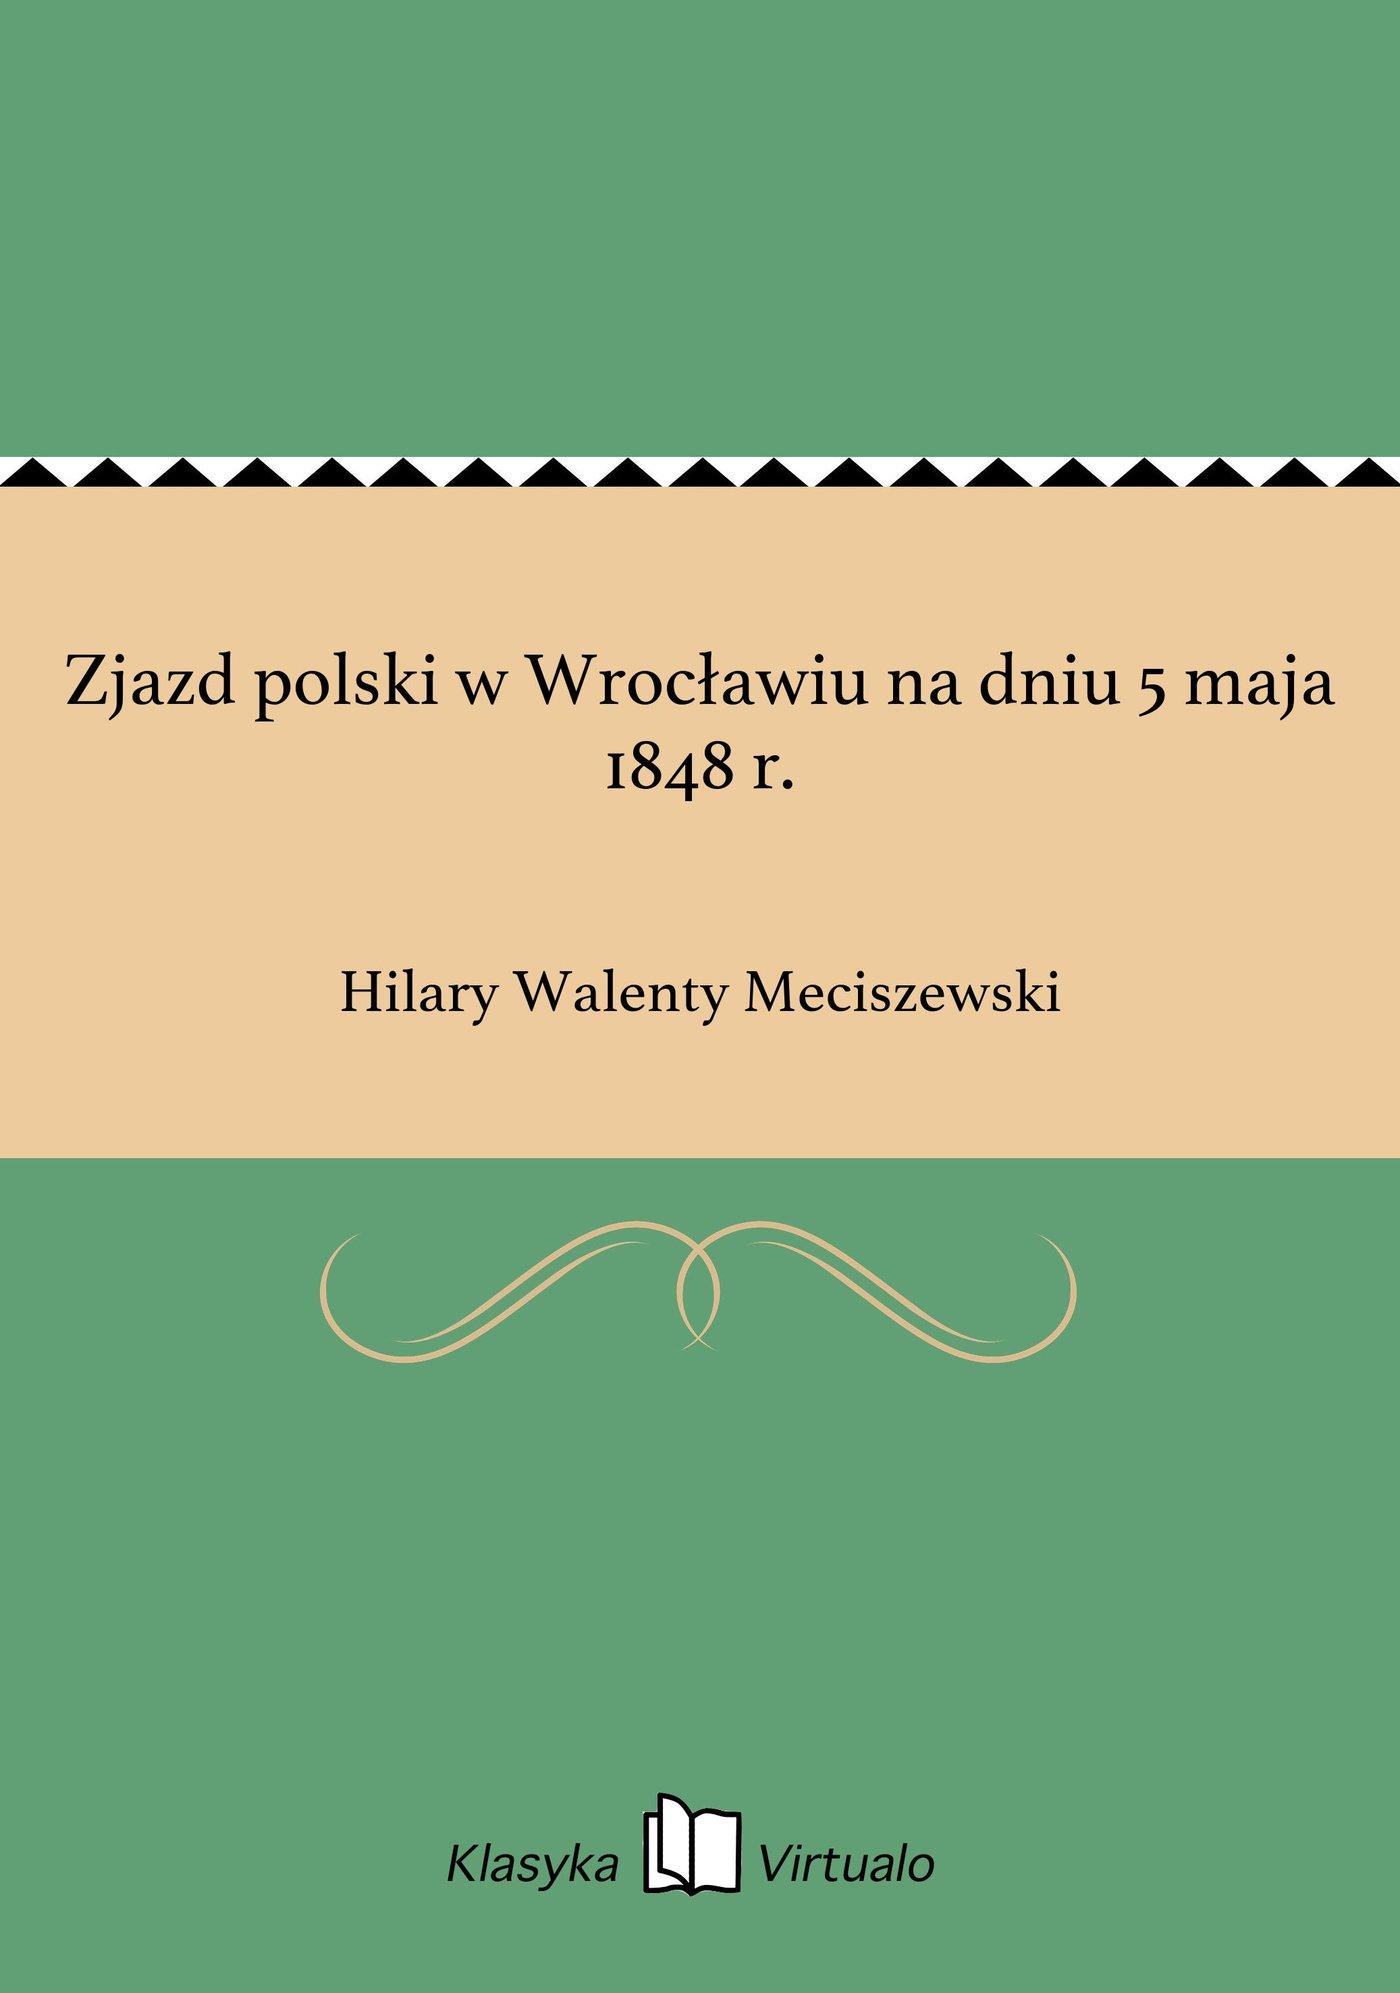 Zjazd polski w Wrocławiu na dniu 5 maja 1848 r. - Ebook (Książka EPUB) do pobrania w formacie EPUB